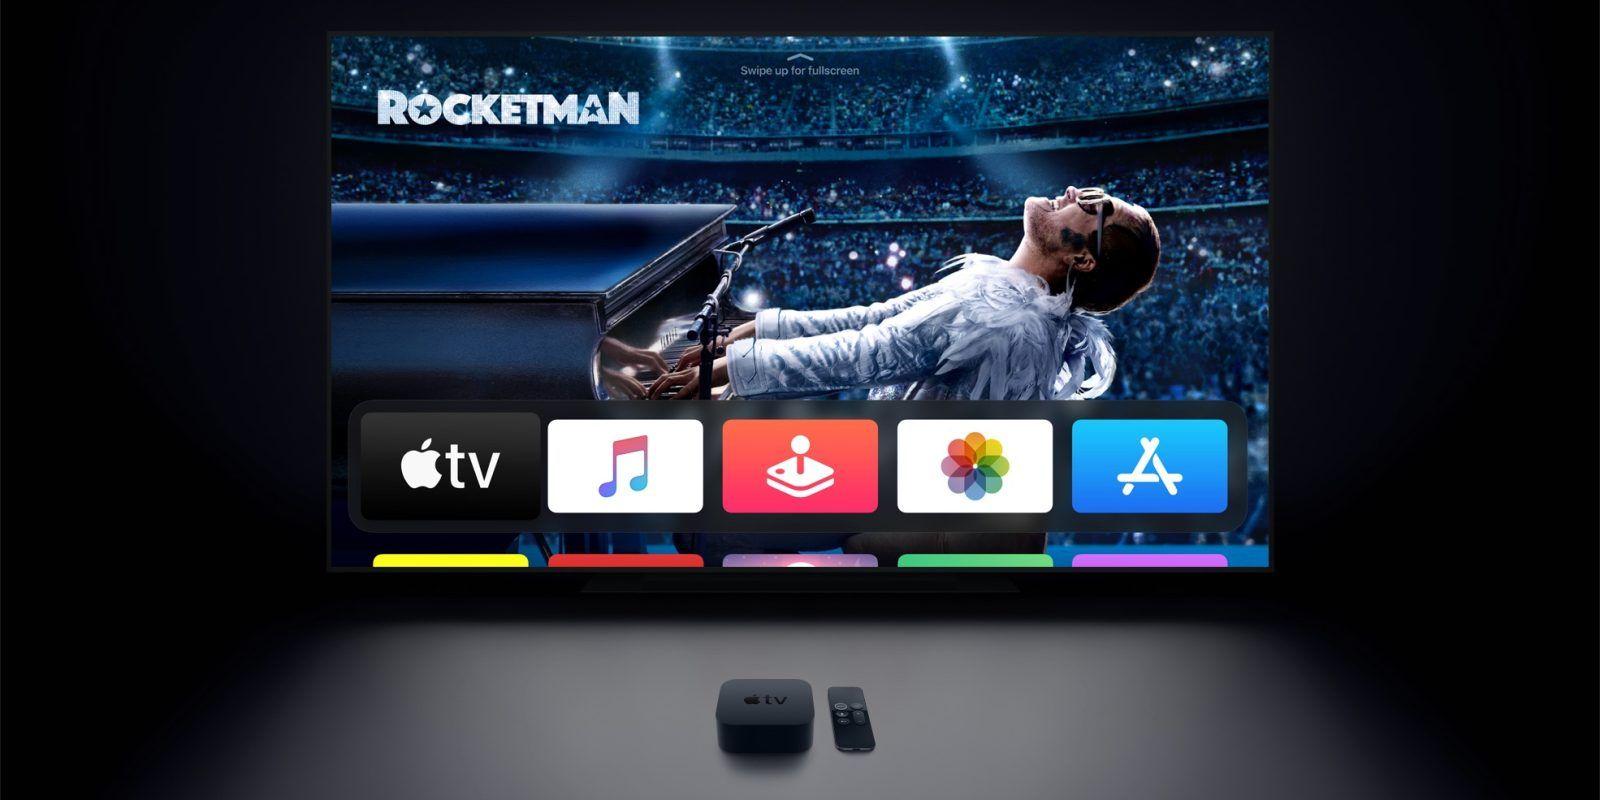 FIrma Apple ponownie przedłuża darmowy okres użytkowania platformy Apple TV +